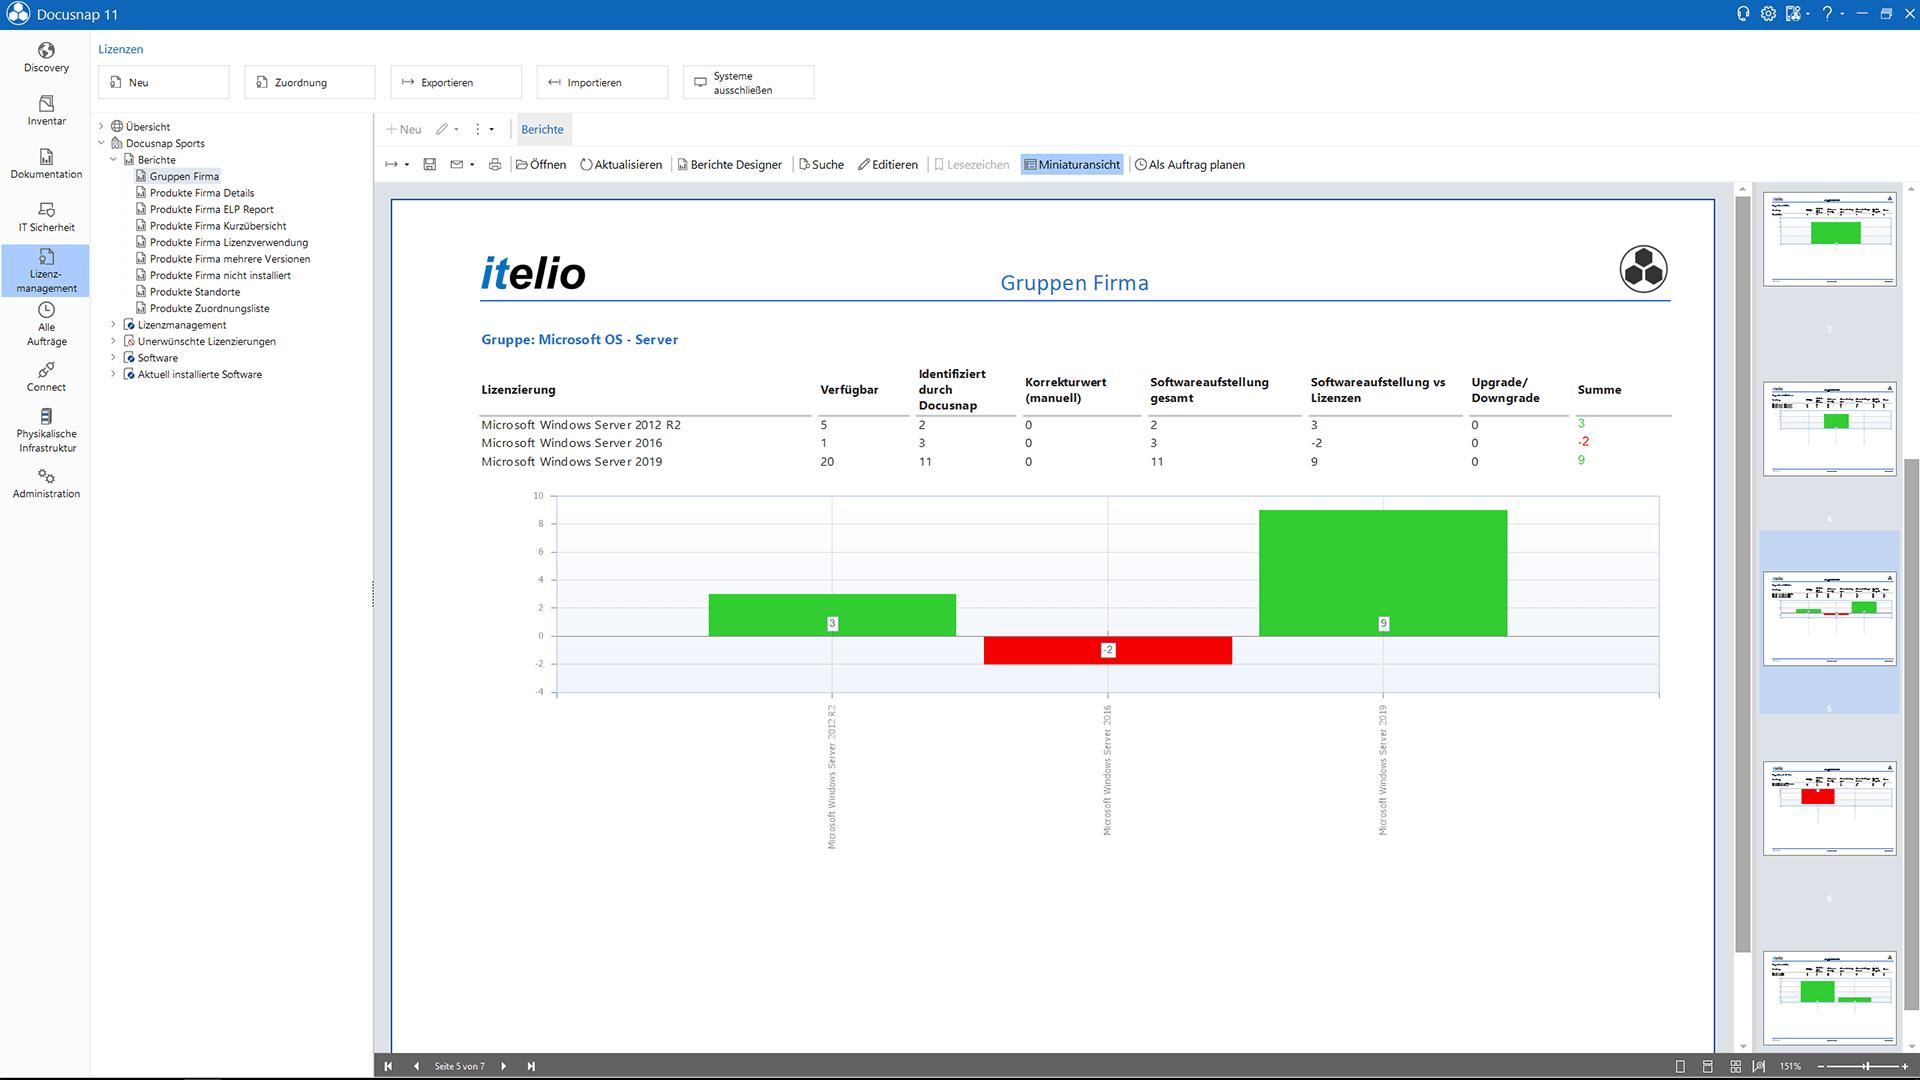 Screenshot: Standardbericht zur Softwareverwendung im Lizenzmanagement